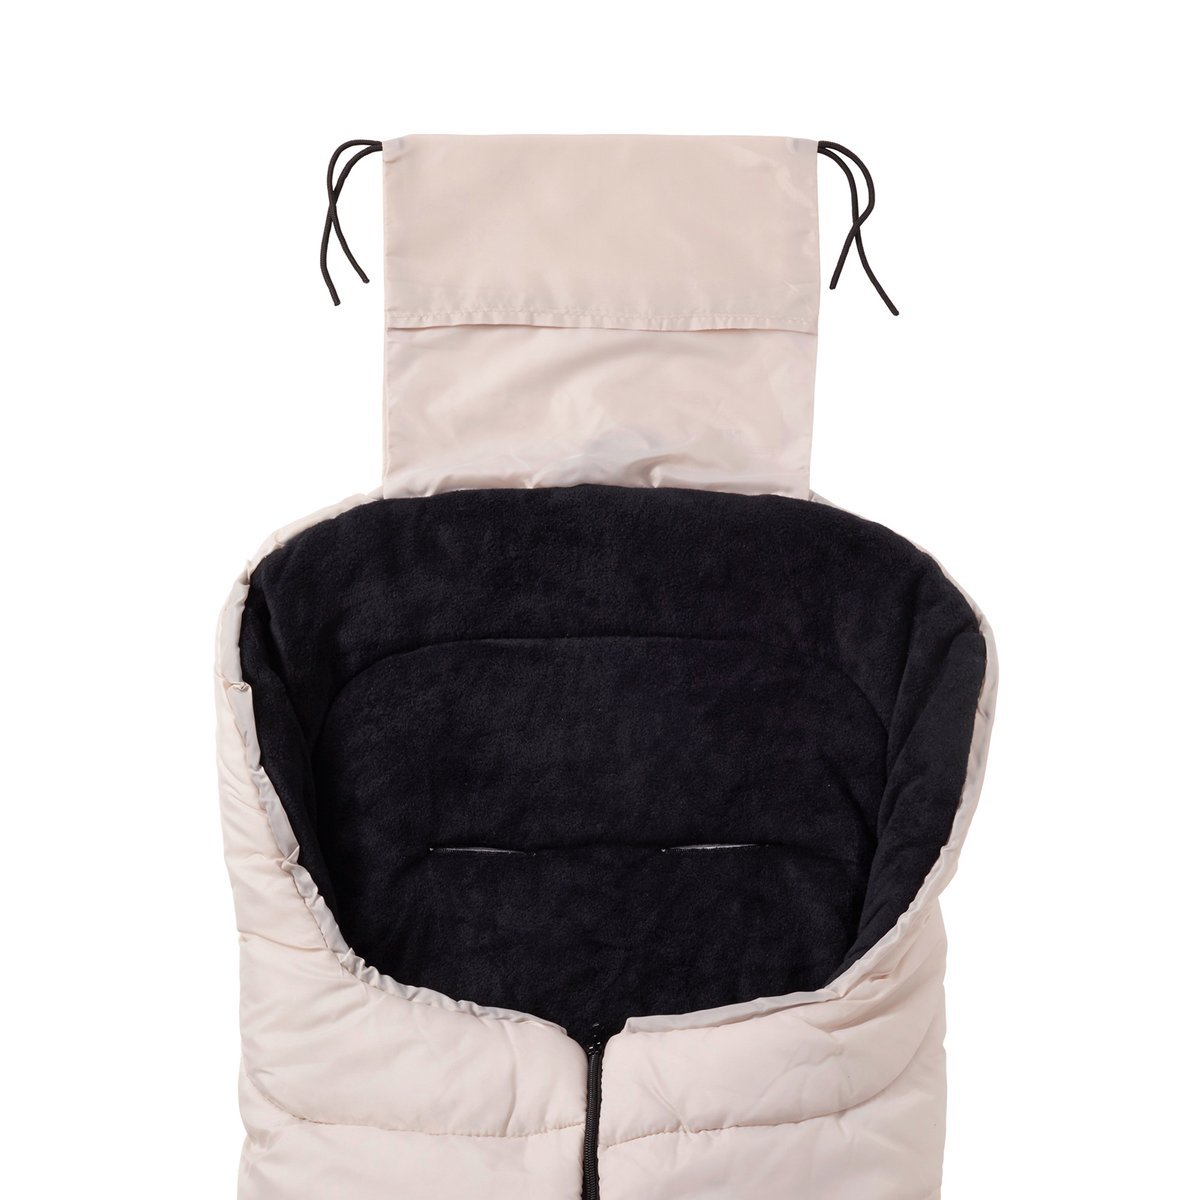 babycab Fu/ßsack Eco Big wasser /& windabweisender Winterfu/ßsack mit softem Polarfleece-Futter /& breiten Gurtschlitze